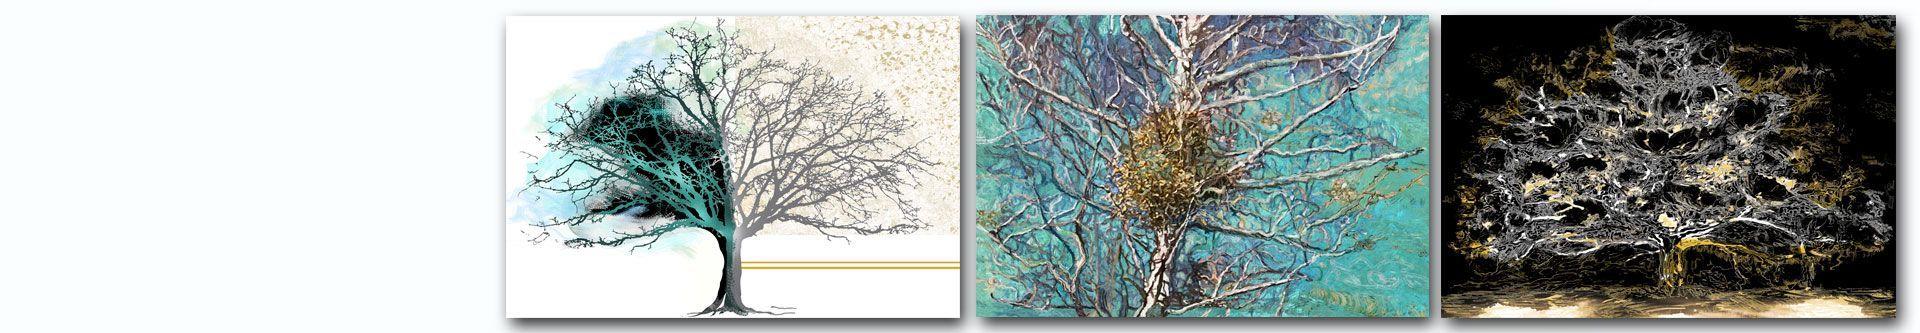 Obrazy drzewo, na płótnie autorskie - grafikiobrazy.pl